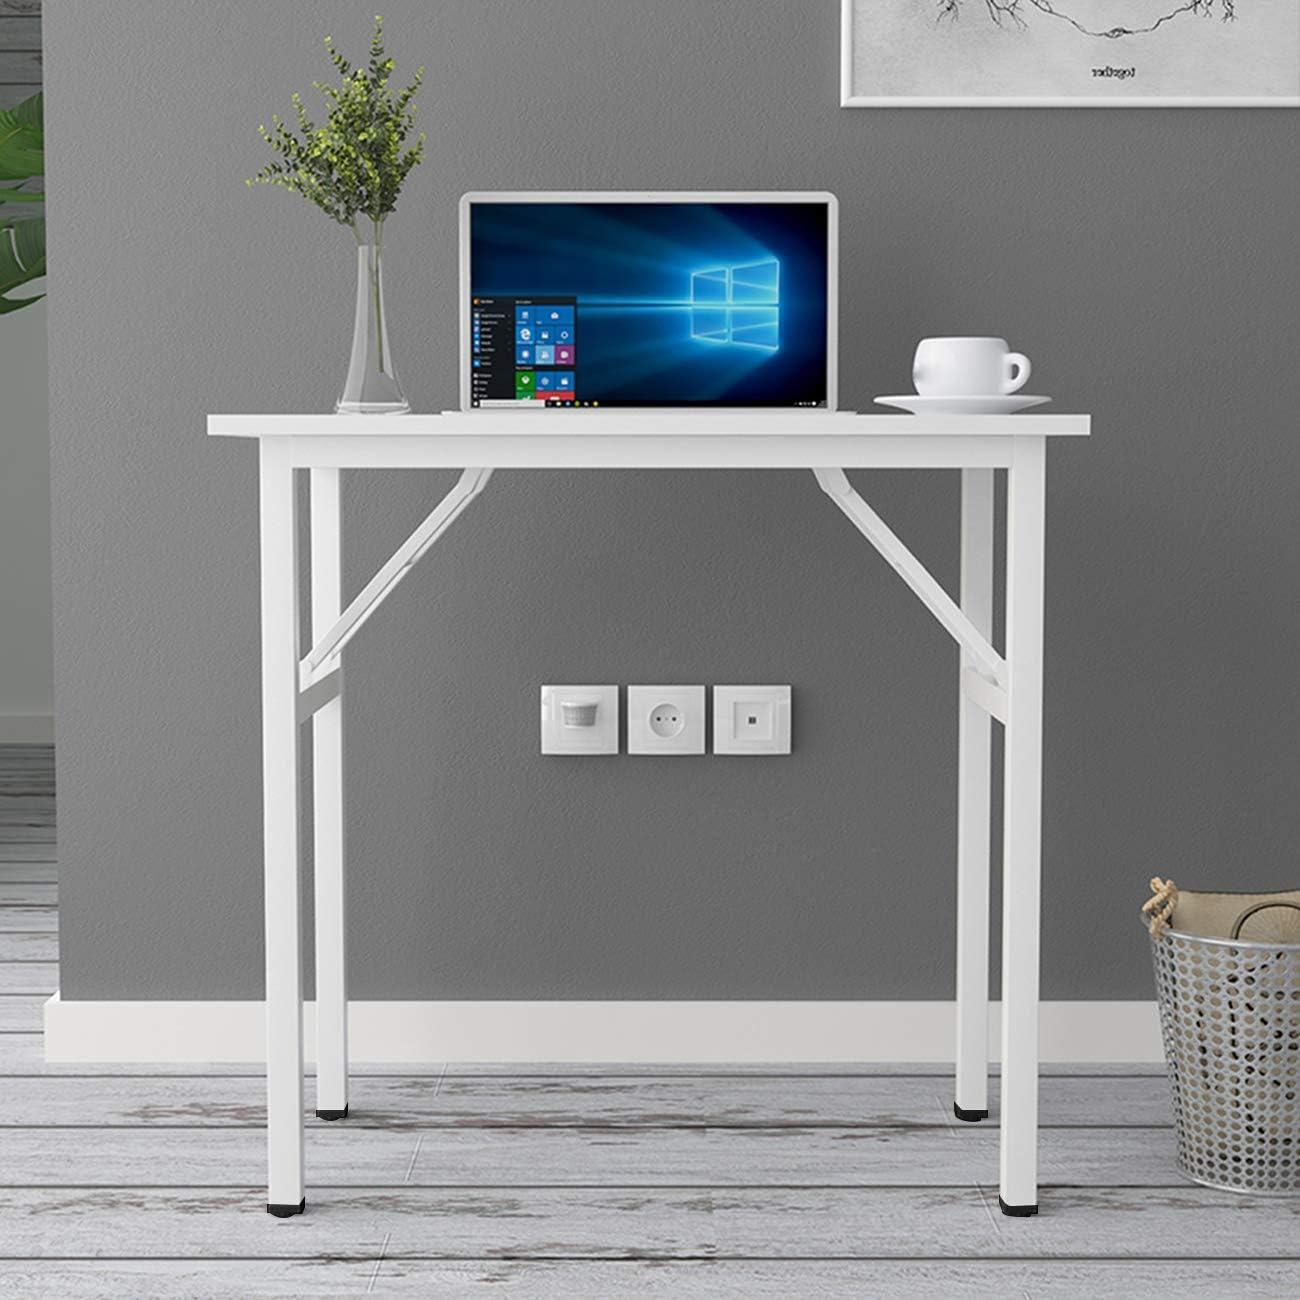 DlandHome Kleiner Klapptisch Holzplatte Computertisch//Arbeitsplatz keine Installation erforderlich graue und schwarze Beine 80 x 40 cm Heimb/üro